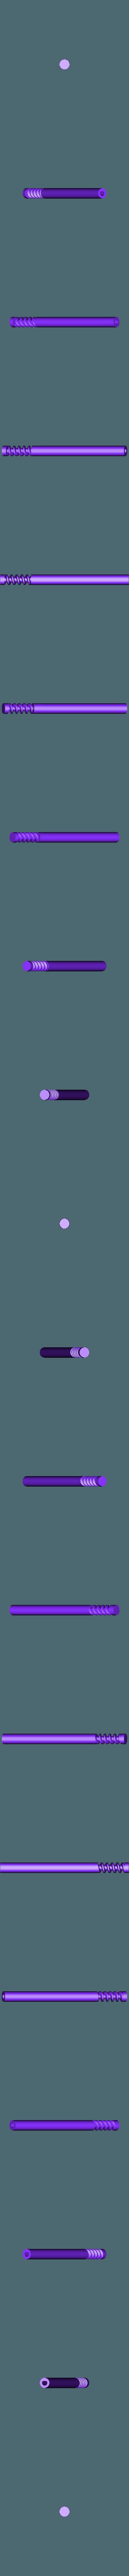 Gear_Worm.stl Télécharger fichier STL gratuit Cheval, Prototype • Design pour imprimante 3D, gzumwalt